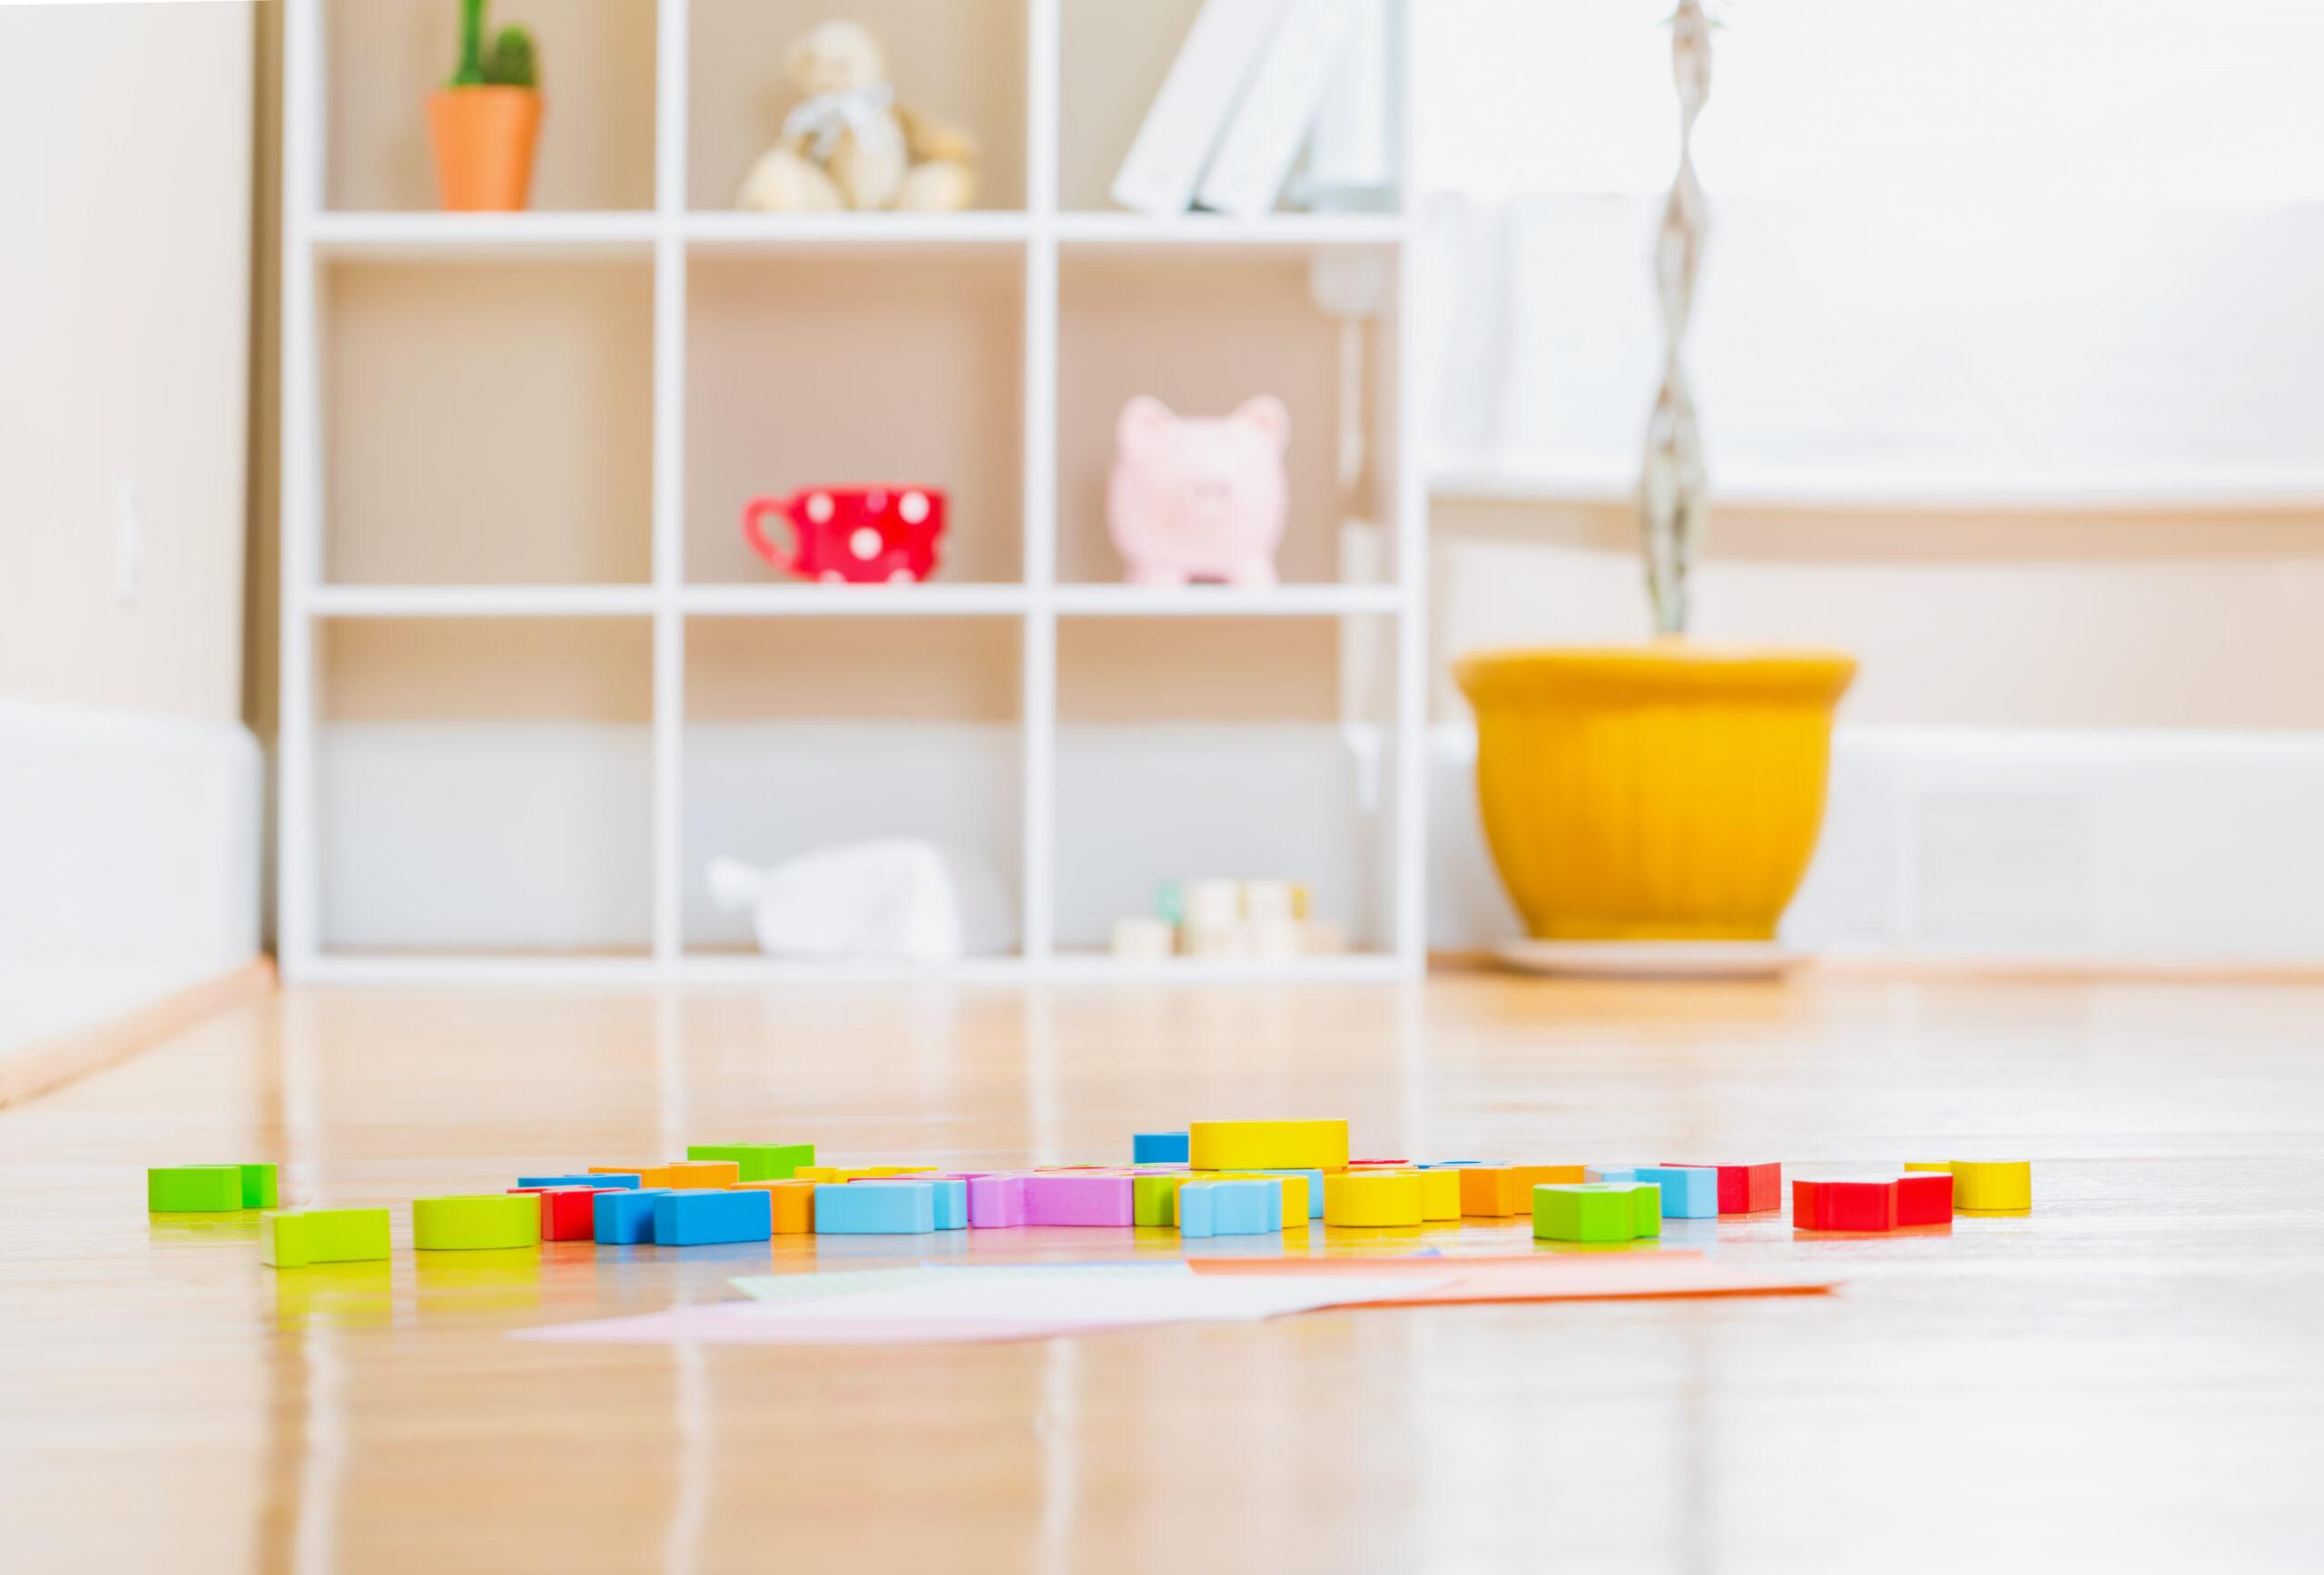 Unterstützen Sie die Eltern ihres Betriebes: Mit dem Spielzeugspeicher und zusammenhängendem Social Team Event machen sie ihr Homeoffice produktiver und können gemeinsam Gutes tun.